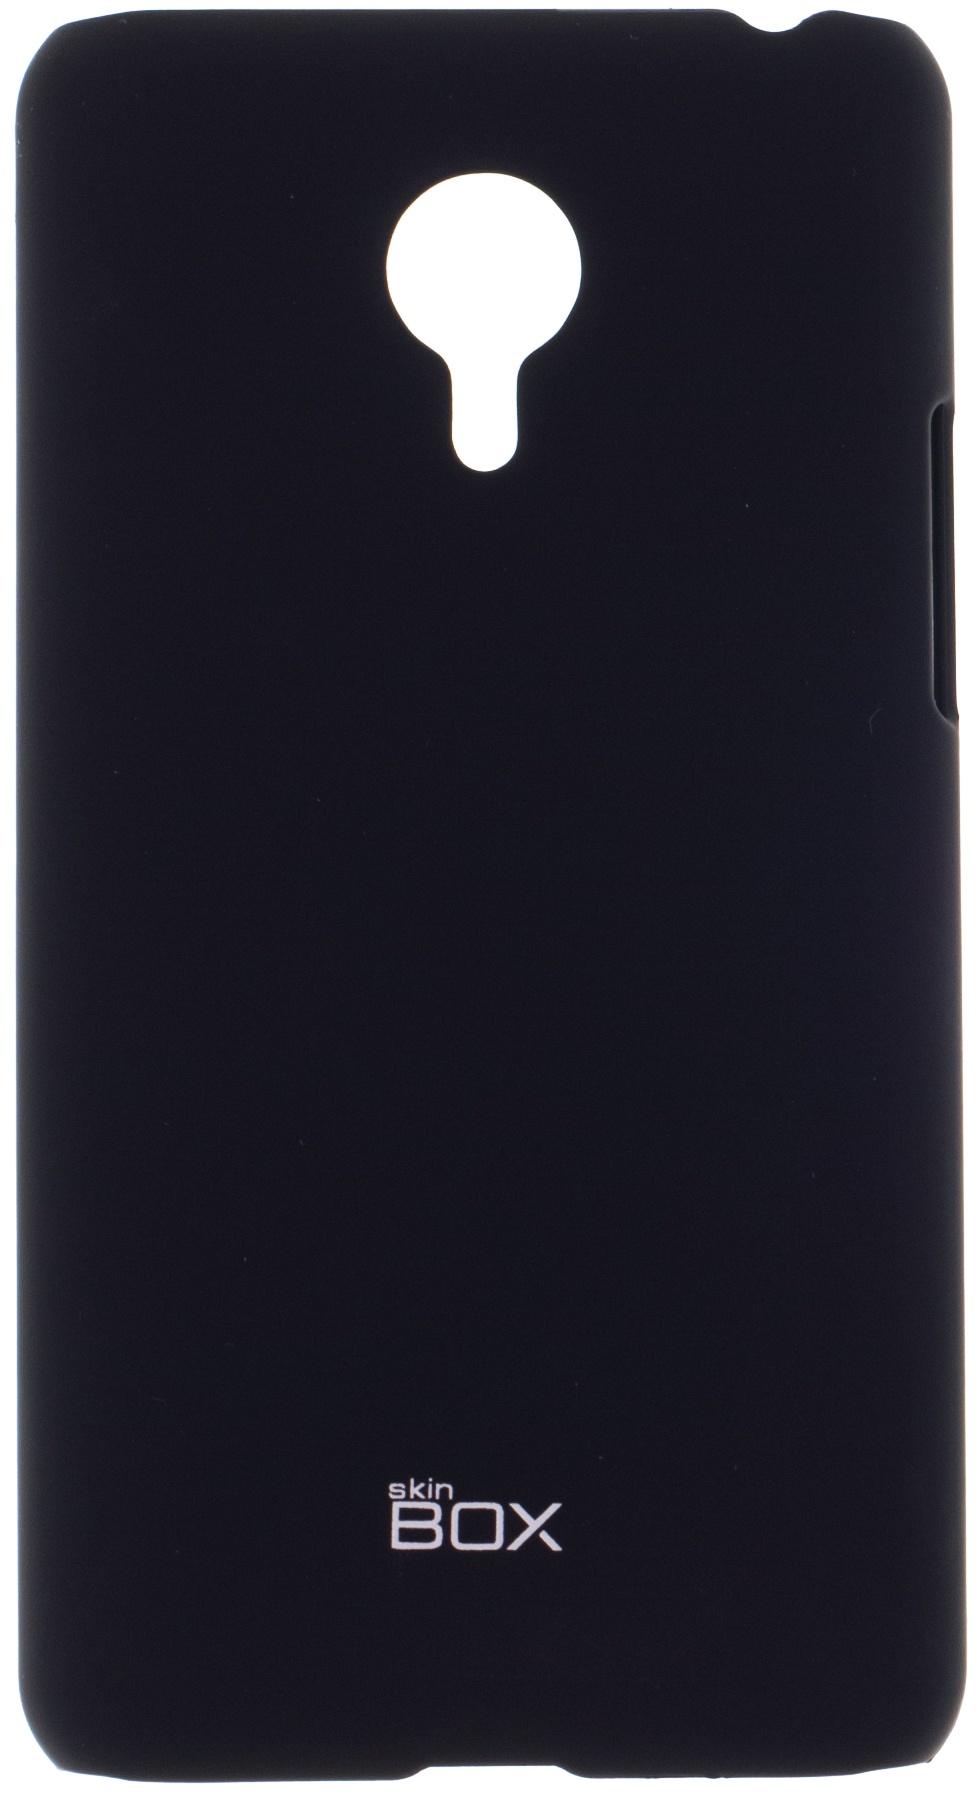 Фото - Чехол для сотового телефона skinBOX 4People, 4630042526938, черный чехол для сотового телефона skinbox 4people 4660041407501 черный